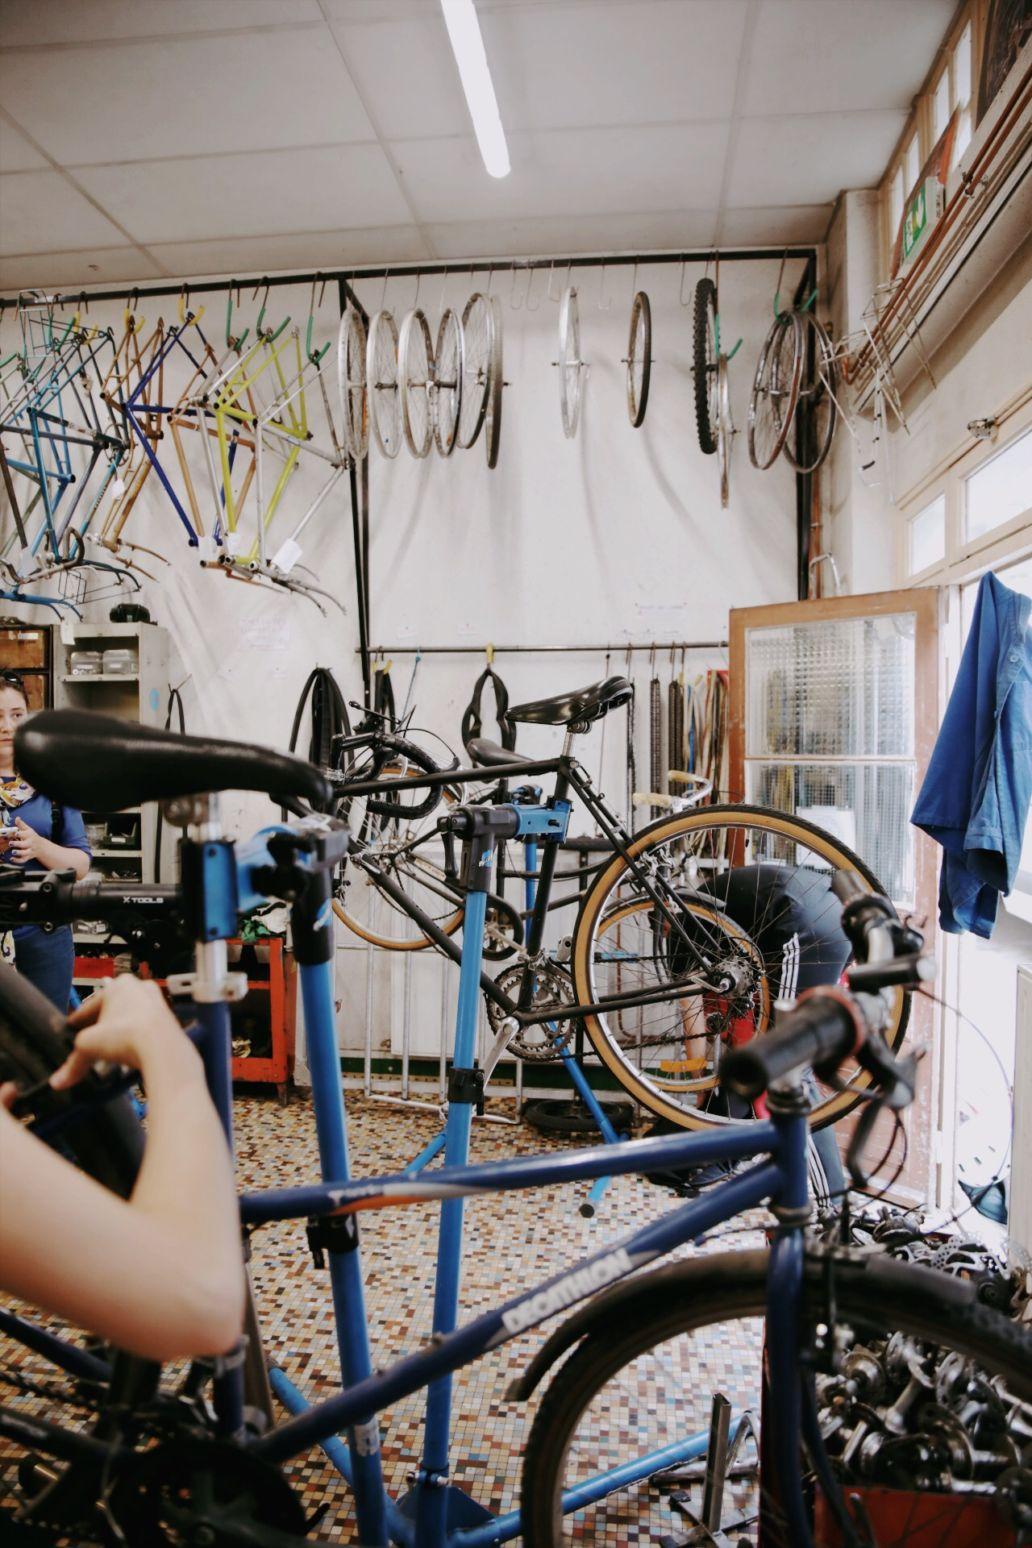 les transports à vélo, la petite rennes et les gobelets réutilisables Esprit Planète